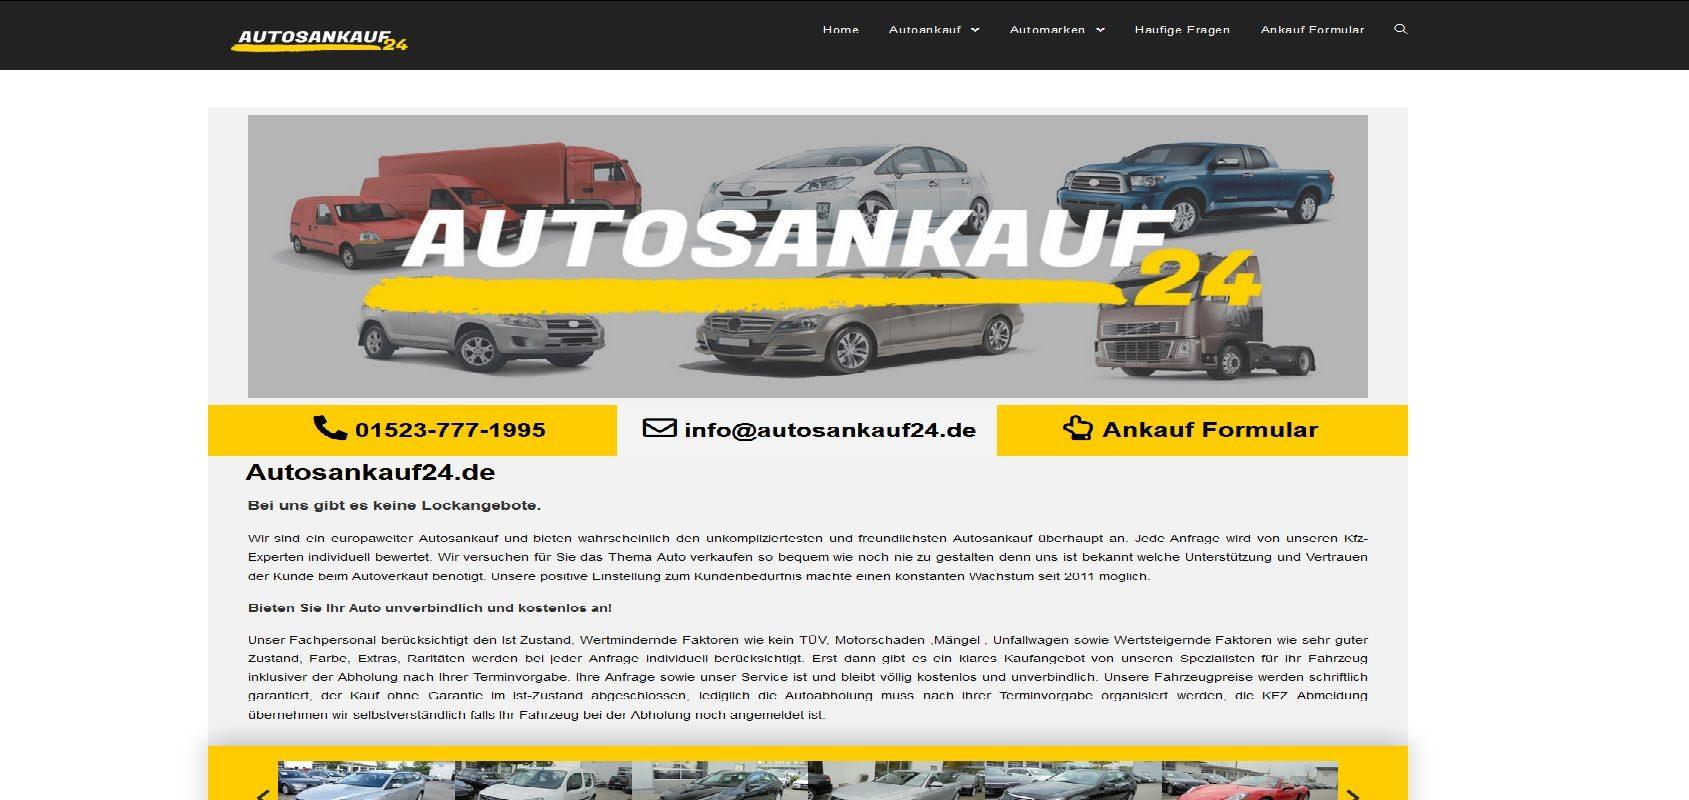 autosankauf24 de kfz ankauf ihr kompetenter partner in sachen autoverkauf - Autosankauf24.de – KFZ Ankauf – Ihr kompetenter Partner in Sachen Autoverkauf